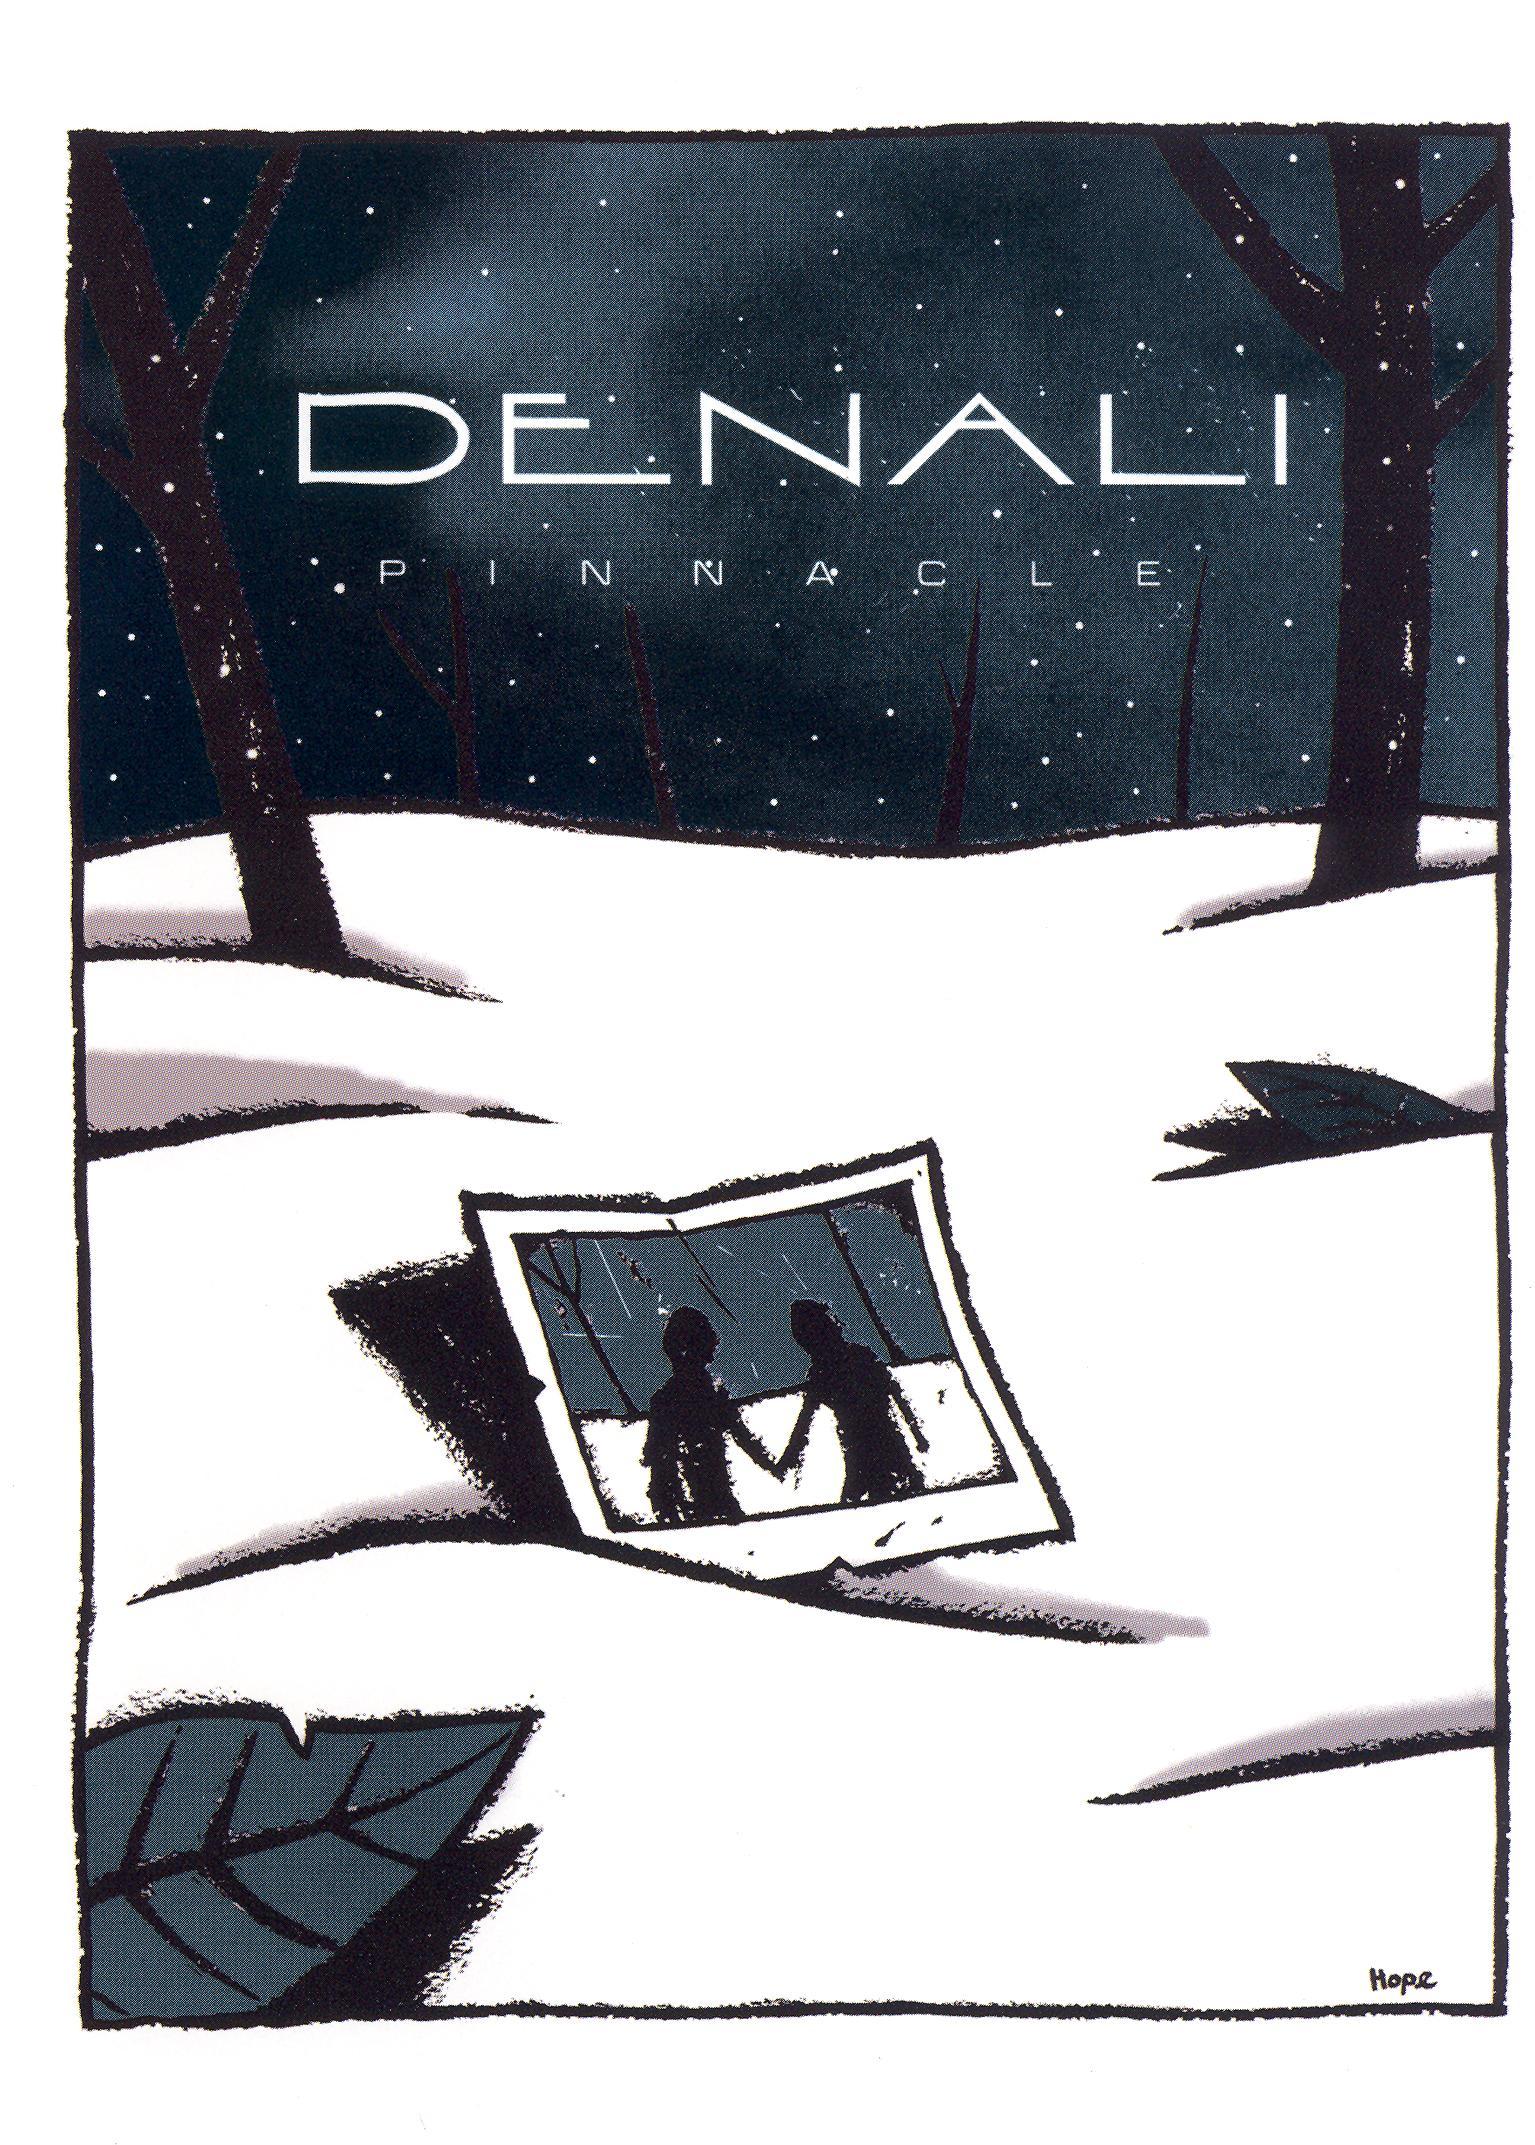 Denali: Pinnacle